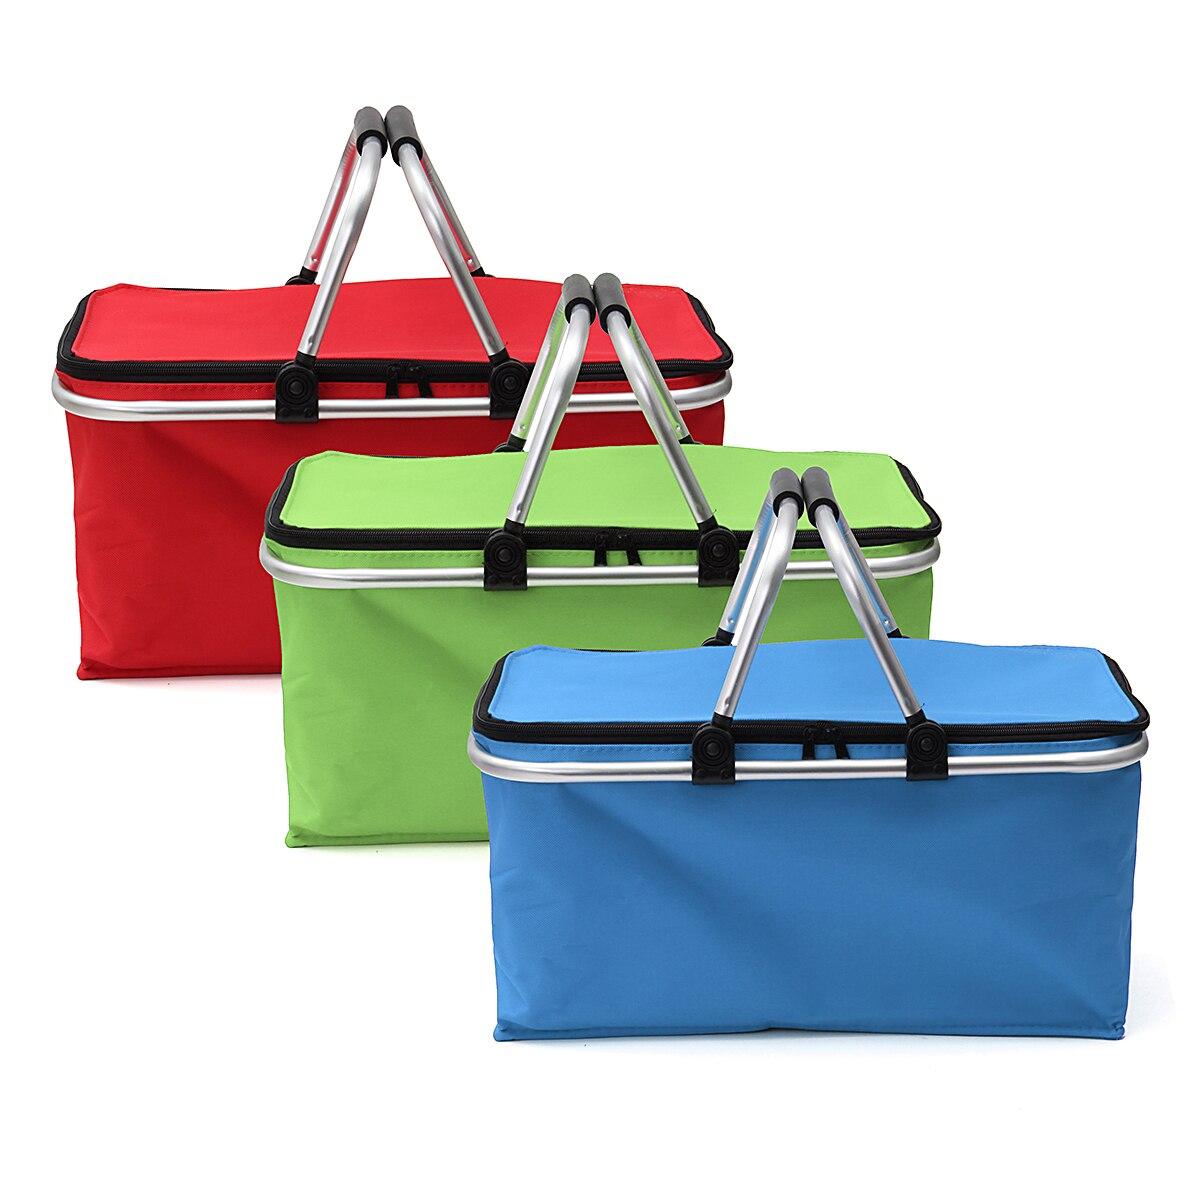 Image result for folding picnic basket